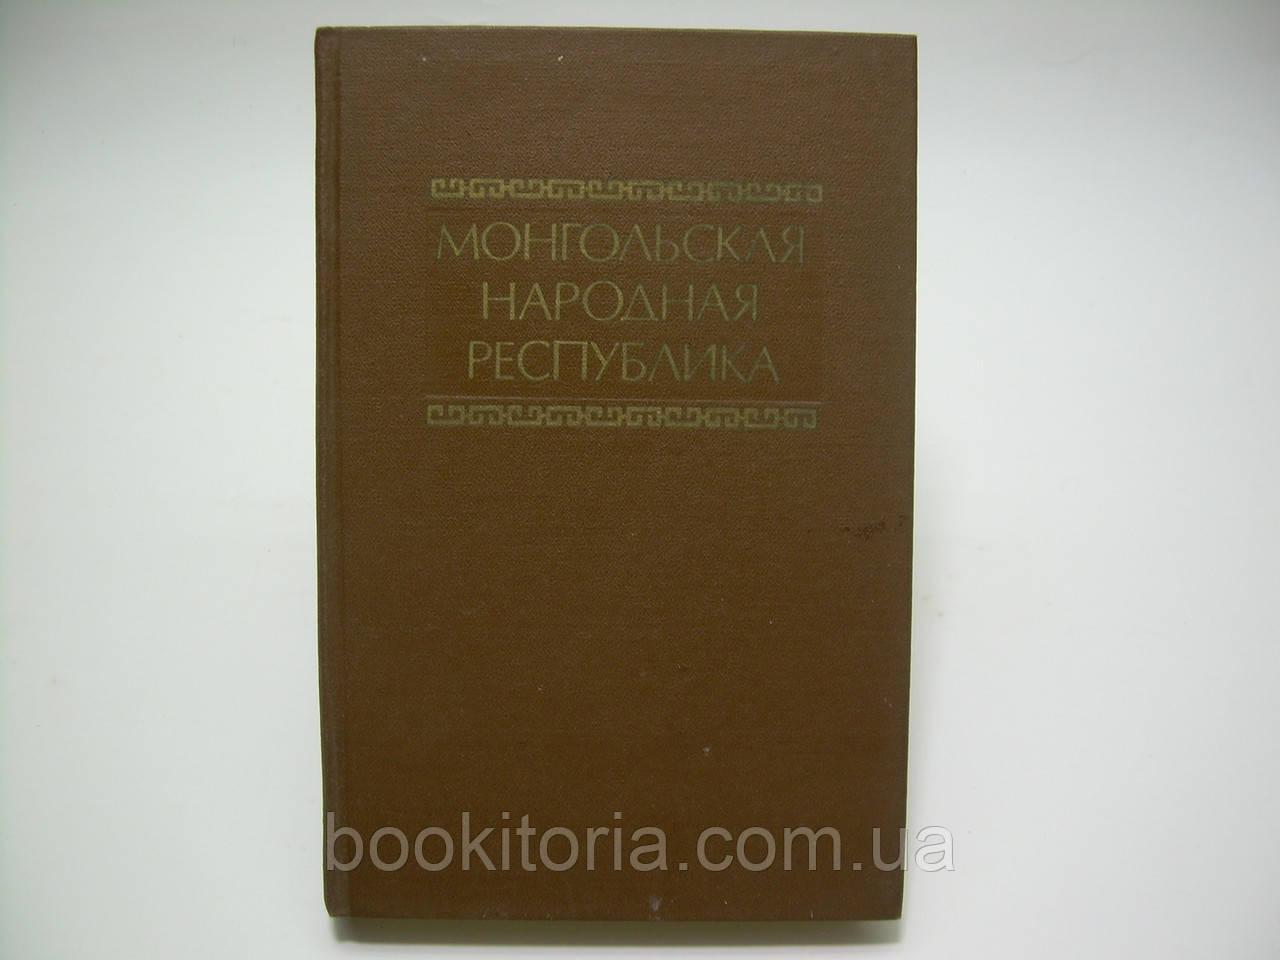 Монгольская Народная Республика (б/у).